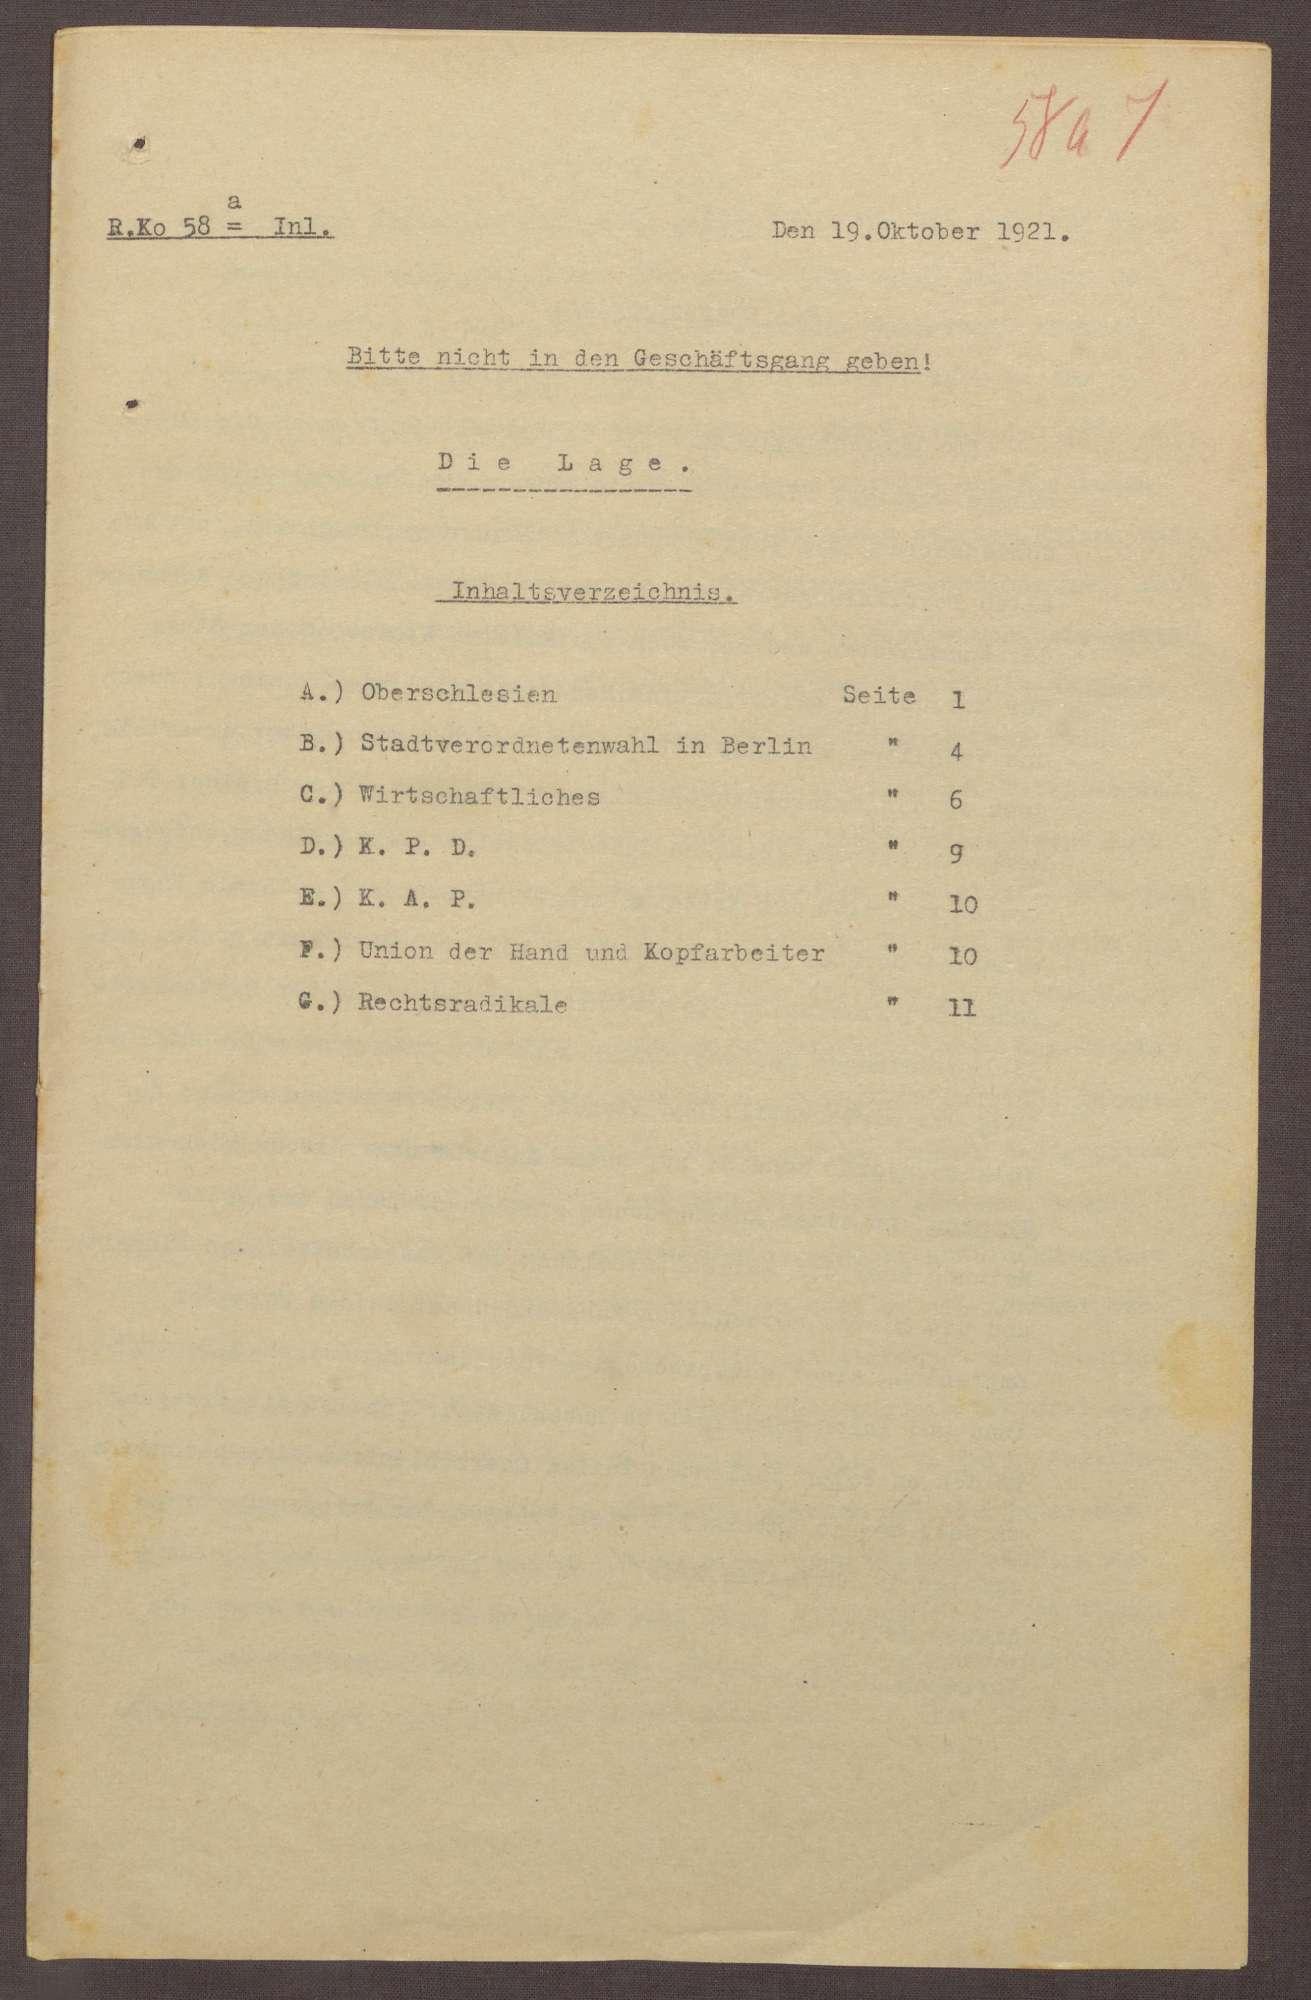 Lageberichte des Reichskommissars für Überwachung der öffentlichen Ordnung, Nr. 58a; zweimal vorhanden, Bild 1